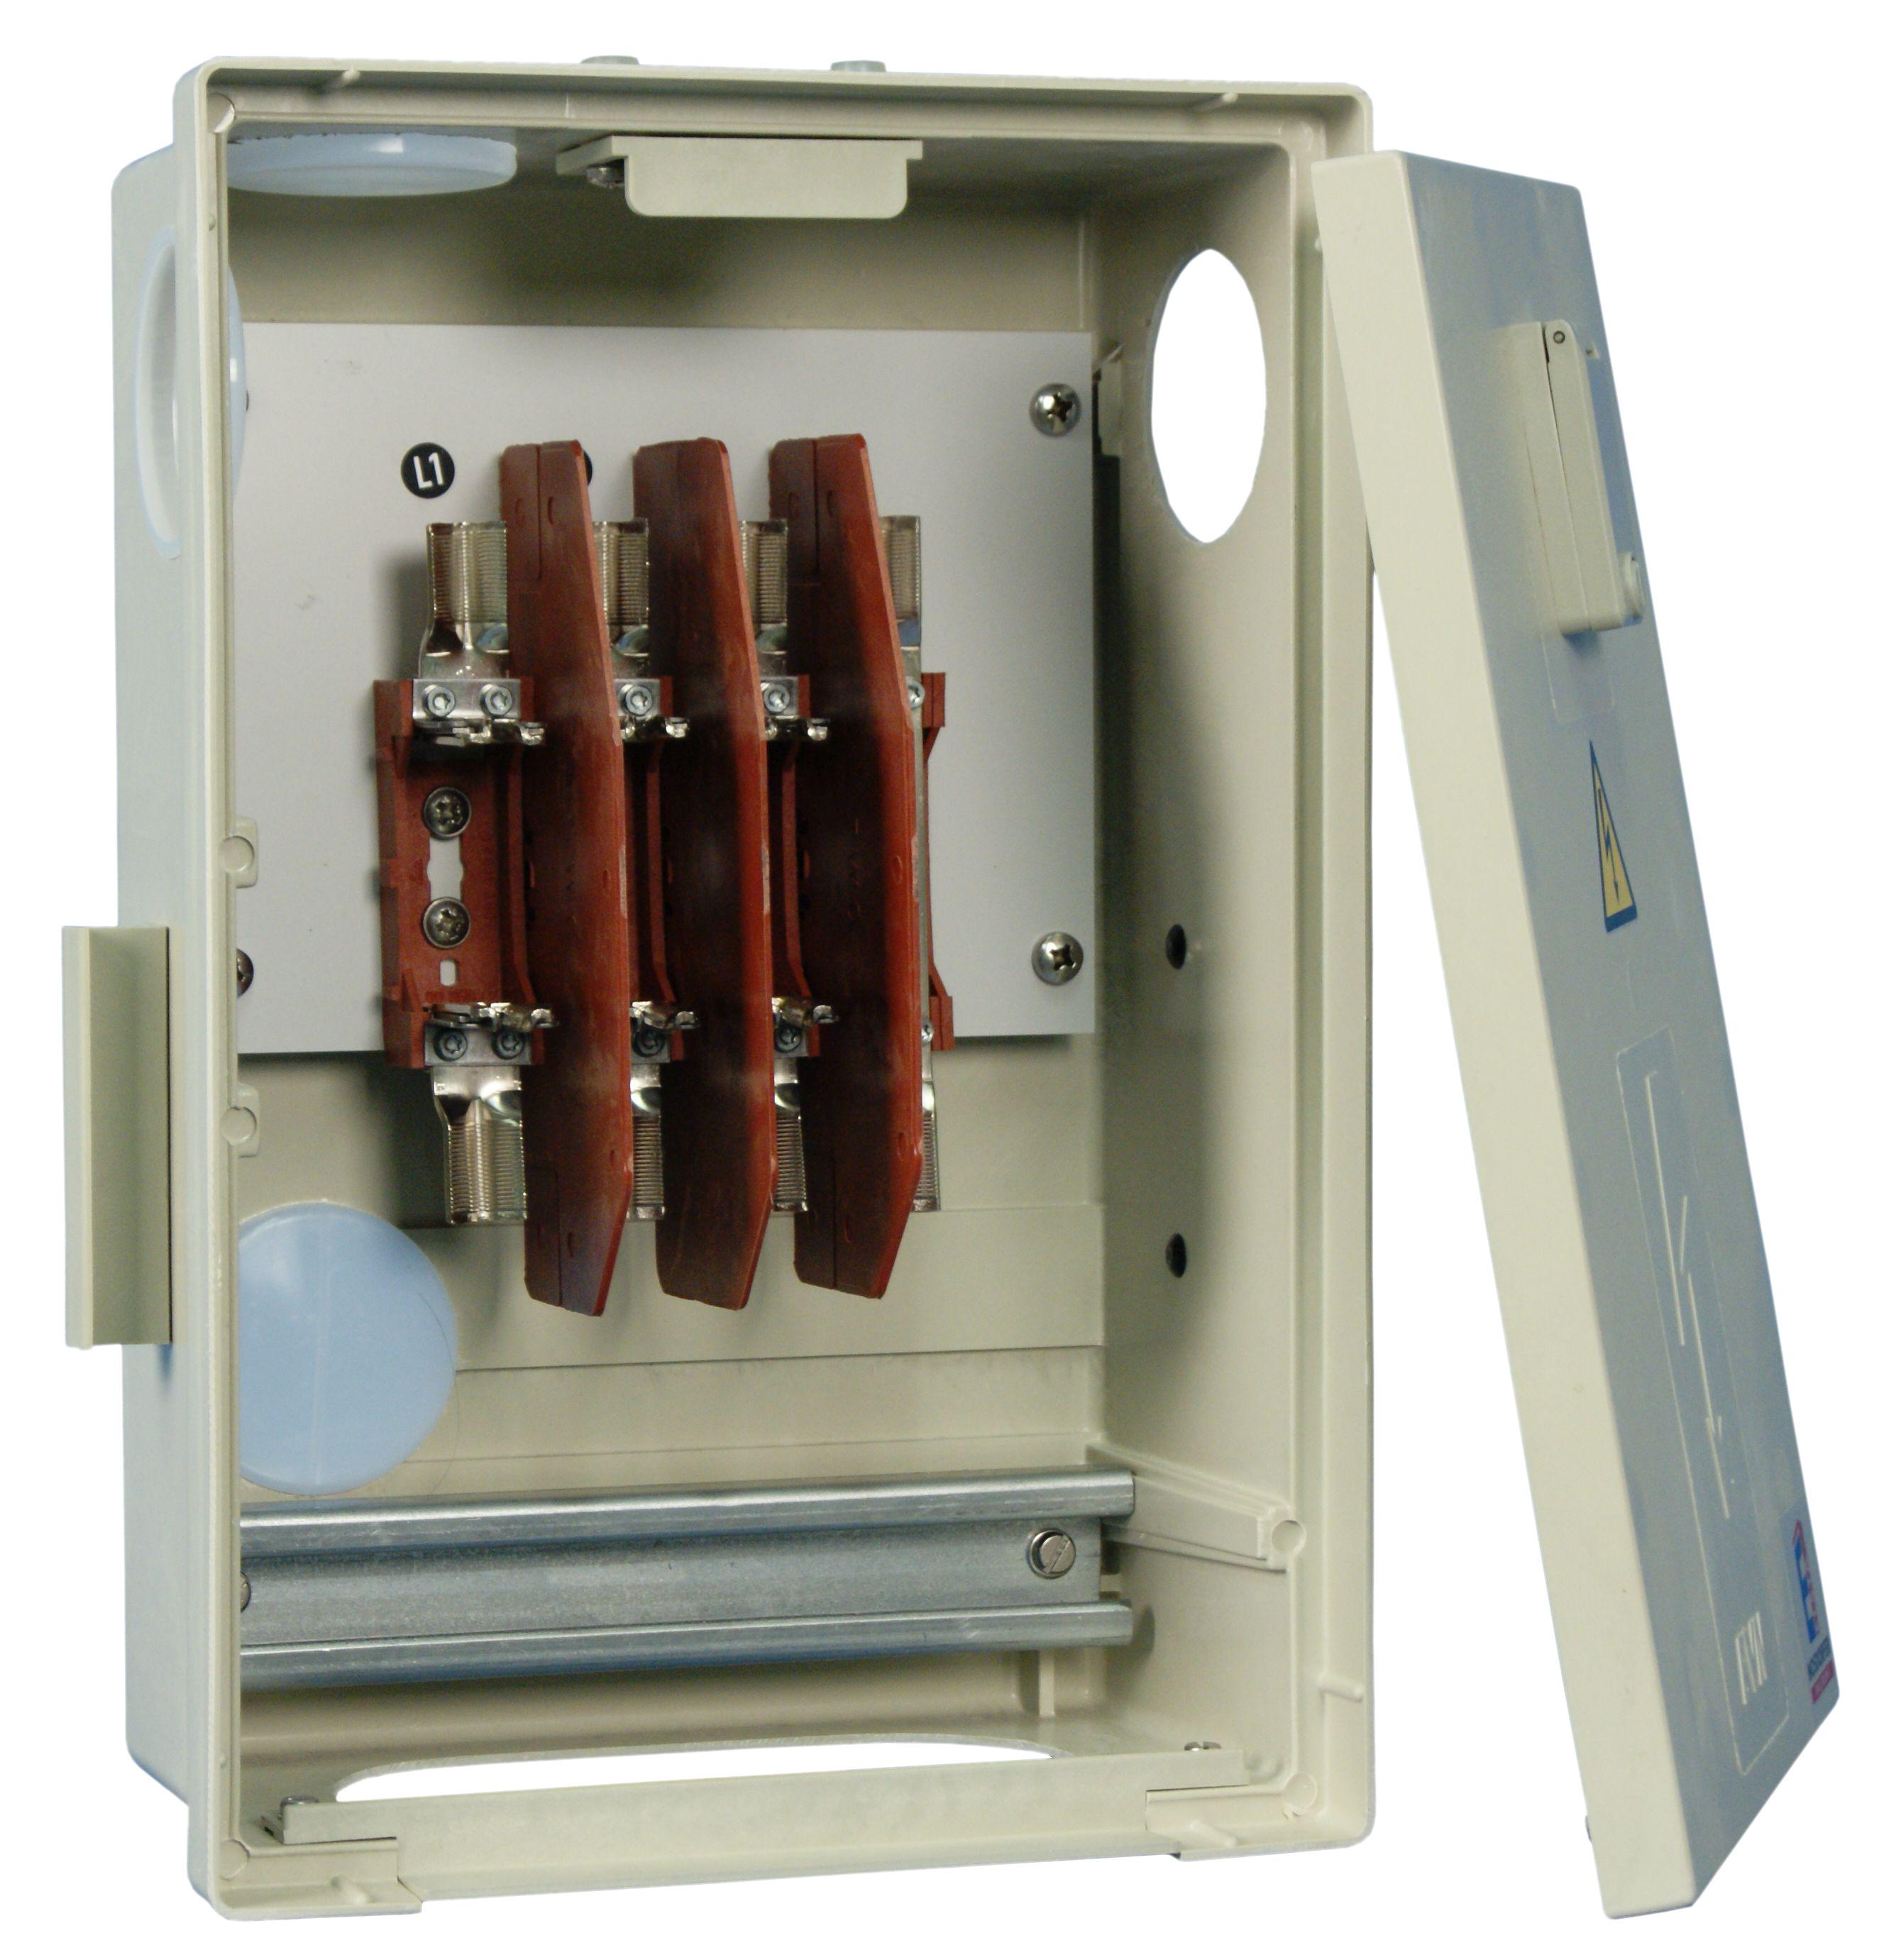 1 Stk Hausanschlussverteiler KÜK mit 3 NH-Unterteilen IG714103--